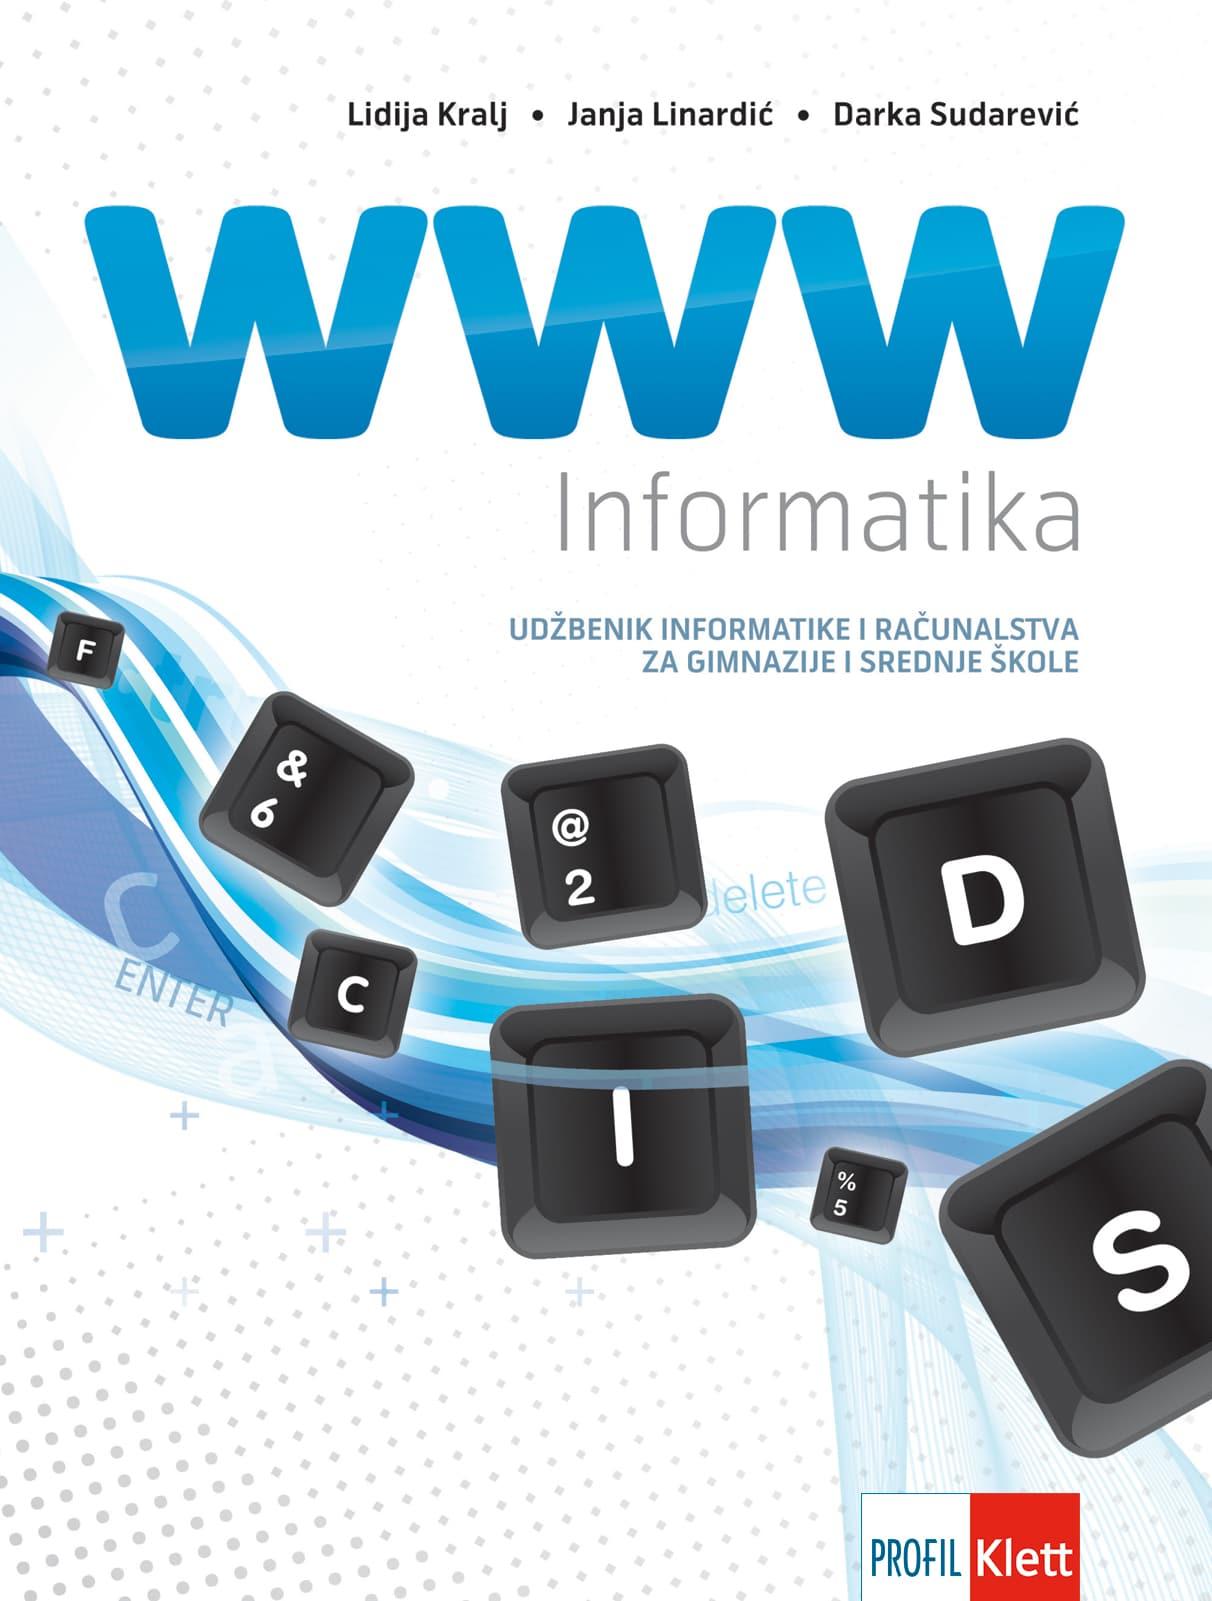 WWW INFORMATIKA : udžbenik informatike i računalstva s  e-podrškom za gimnazije i srednje škole autora Lidija Kralj, Janja Linardić, Darka Sudarević